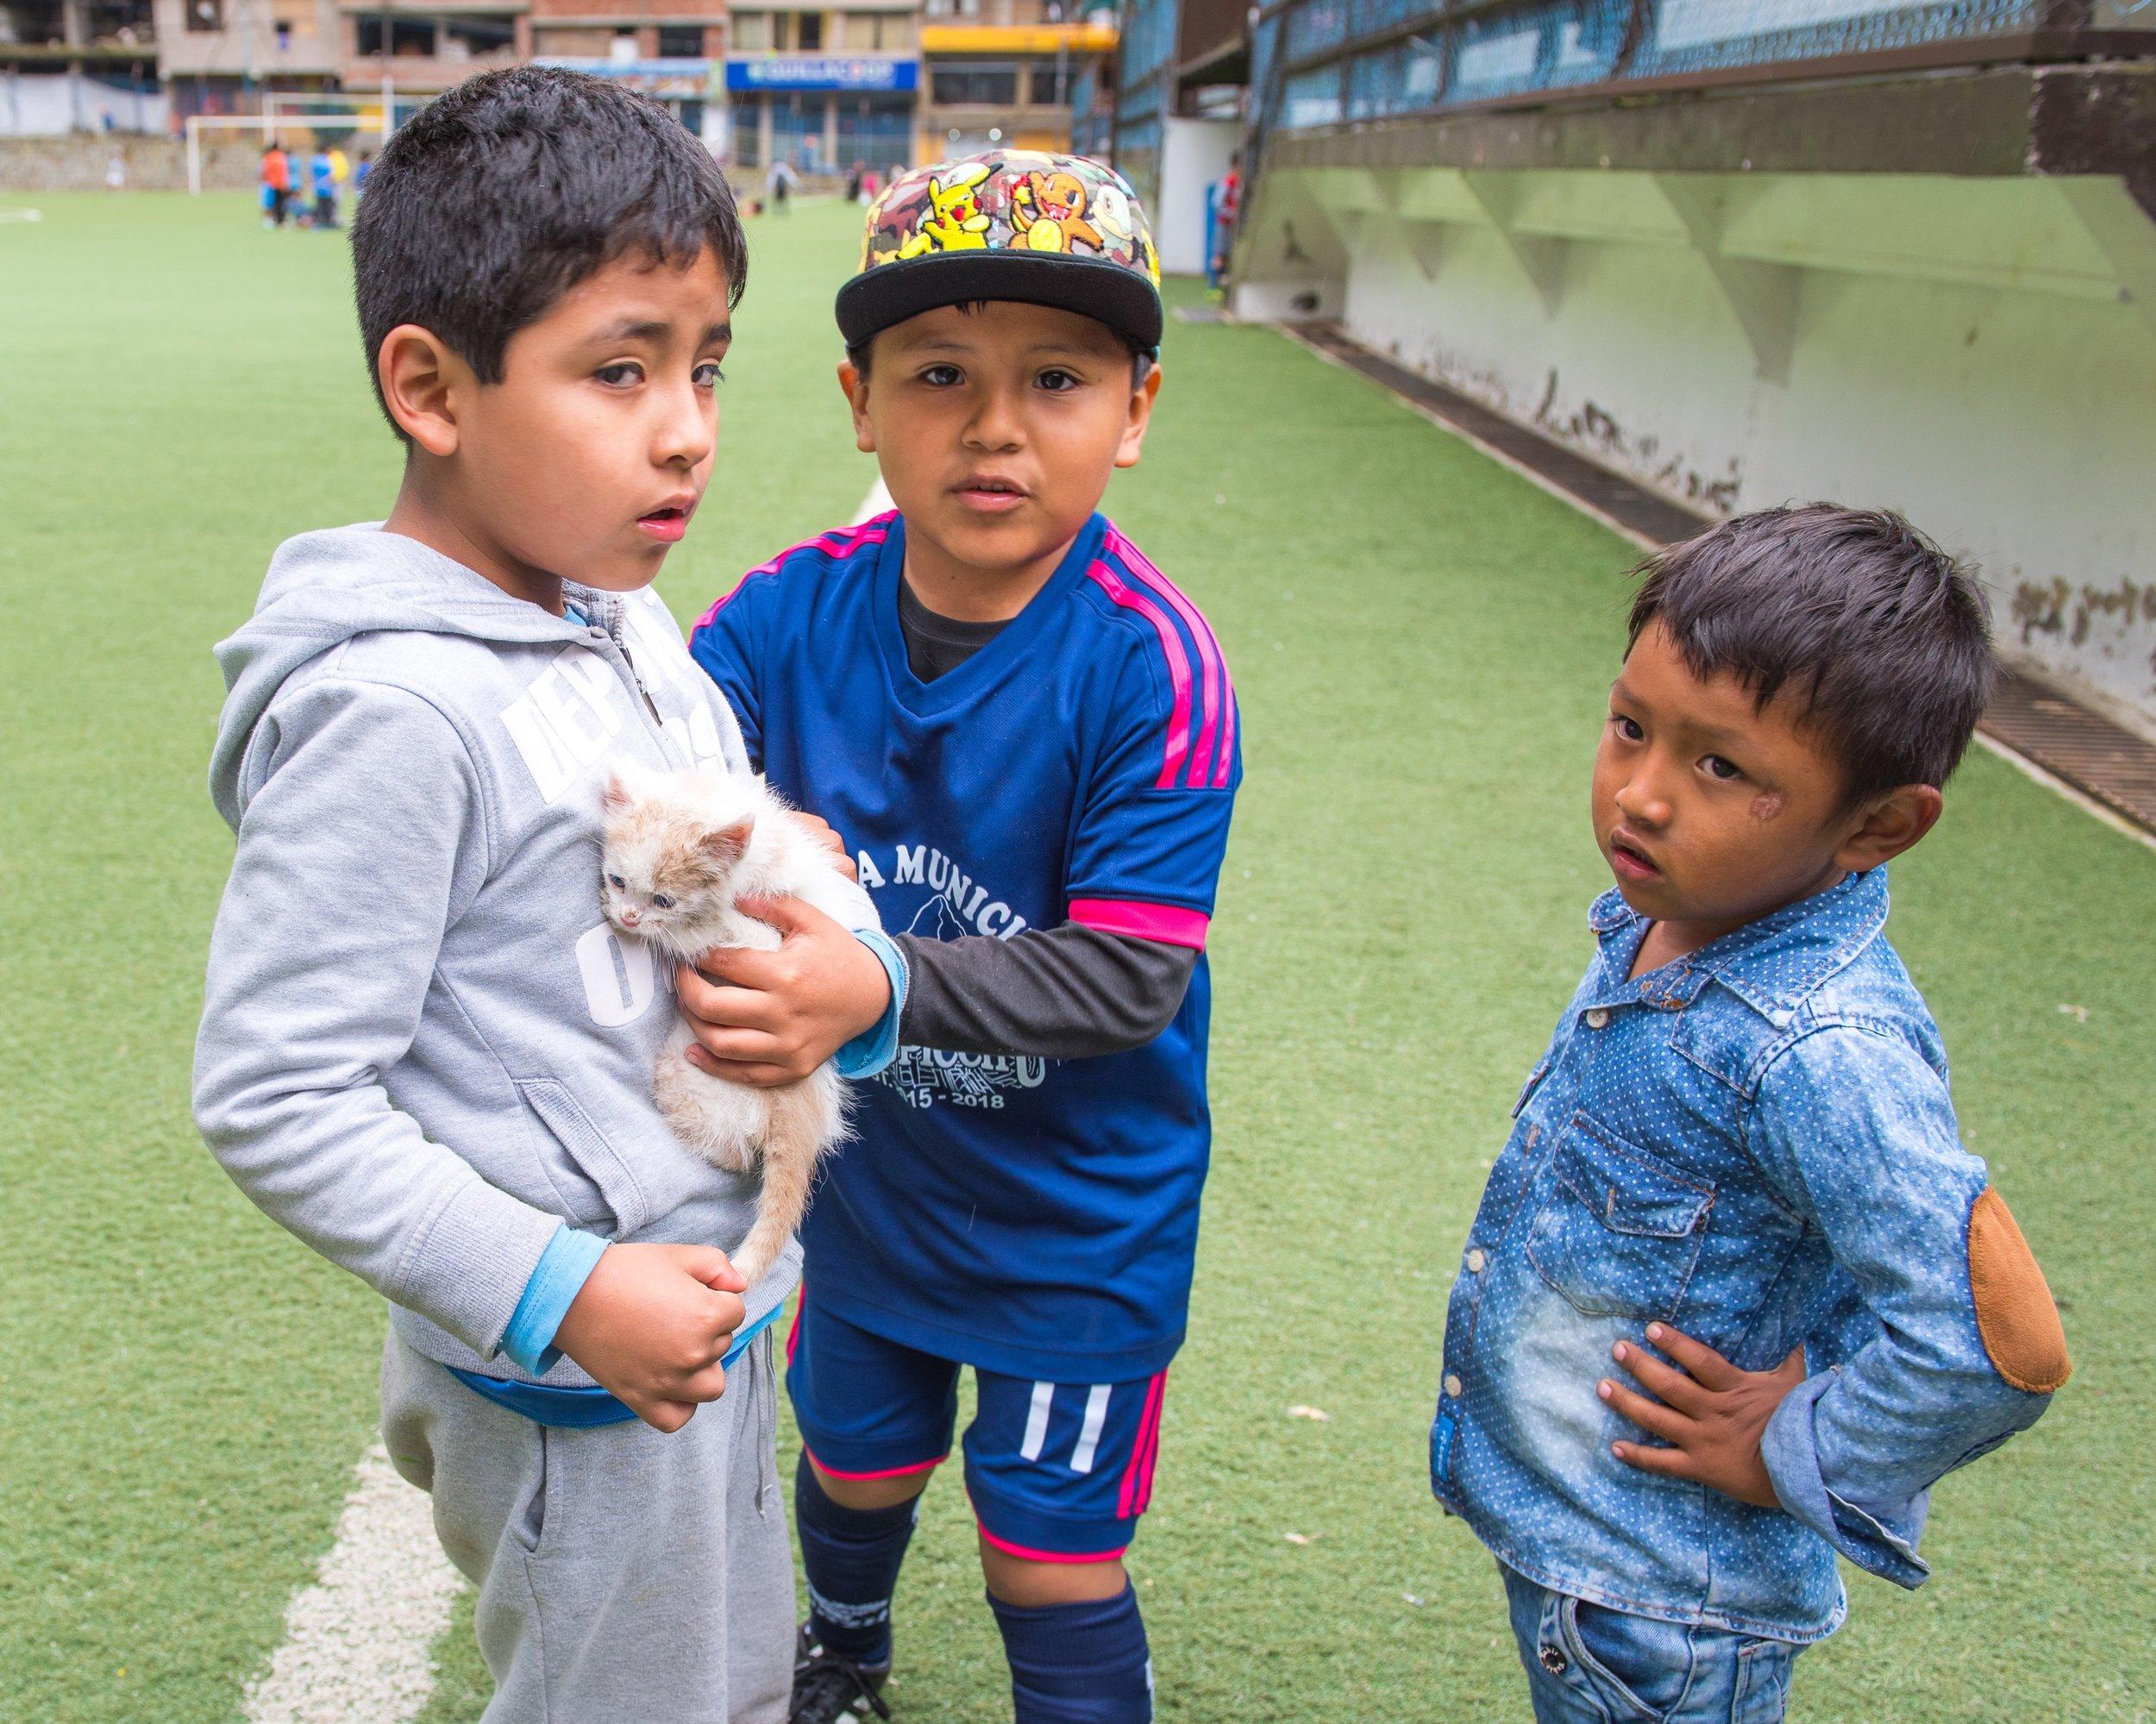 The children who found Munay.